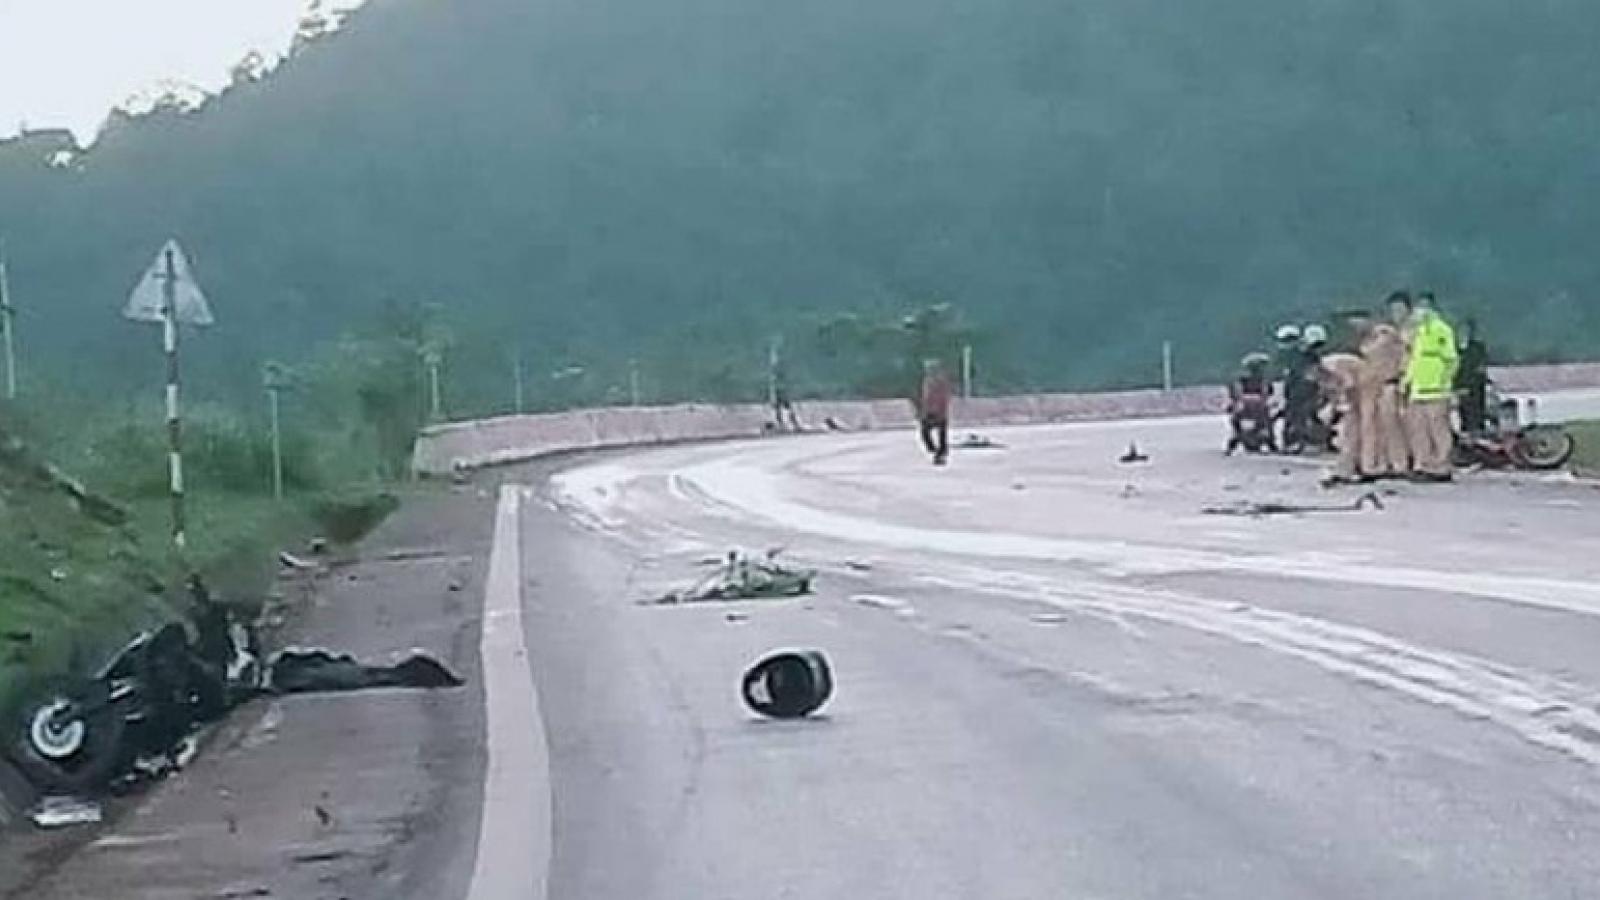 Tai nạn nghiêm trọng trên Quốc lộ 6 làm 2 người tử vong, 1 người bị thương